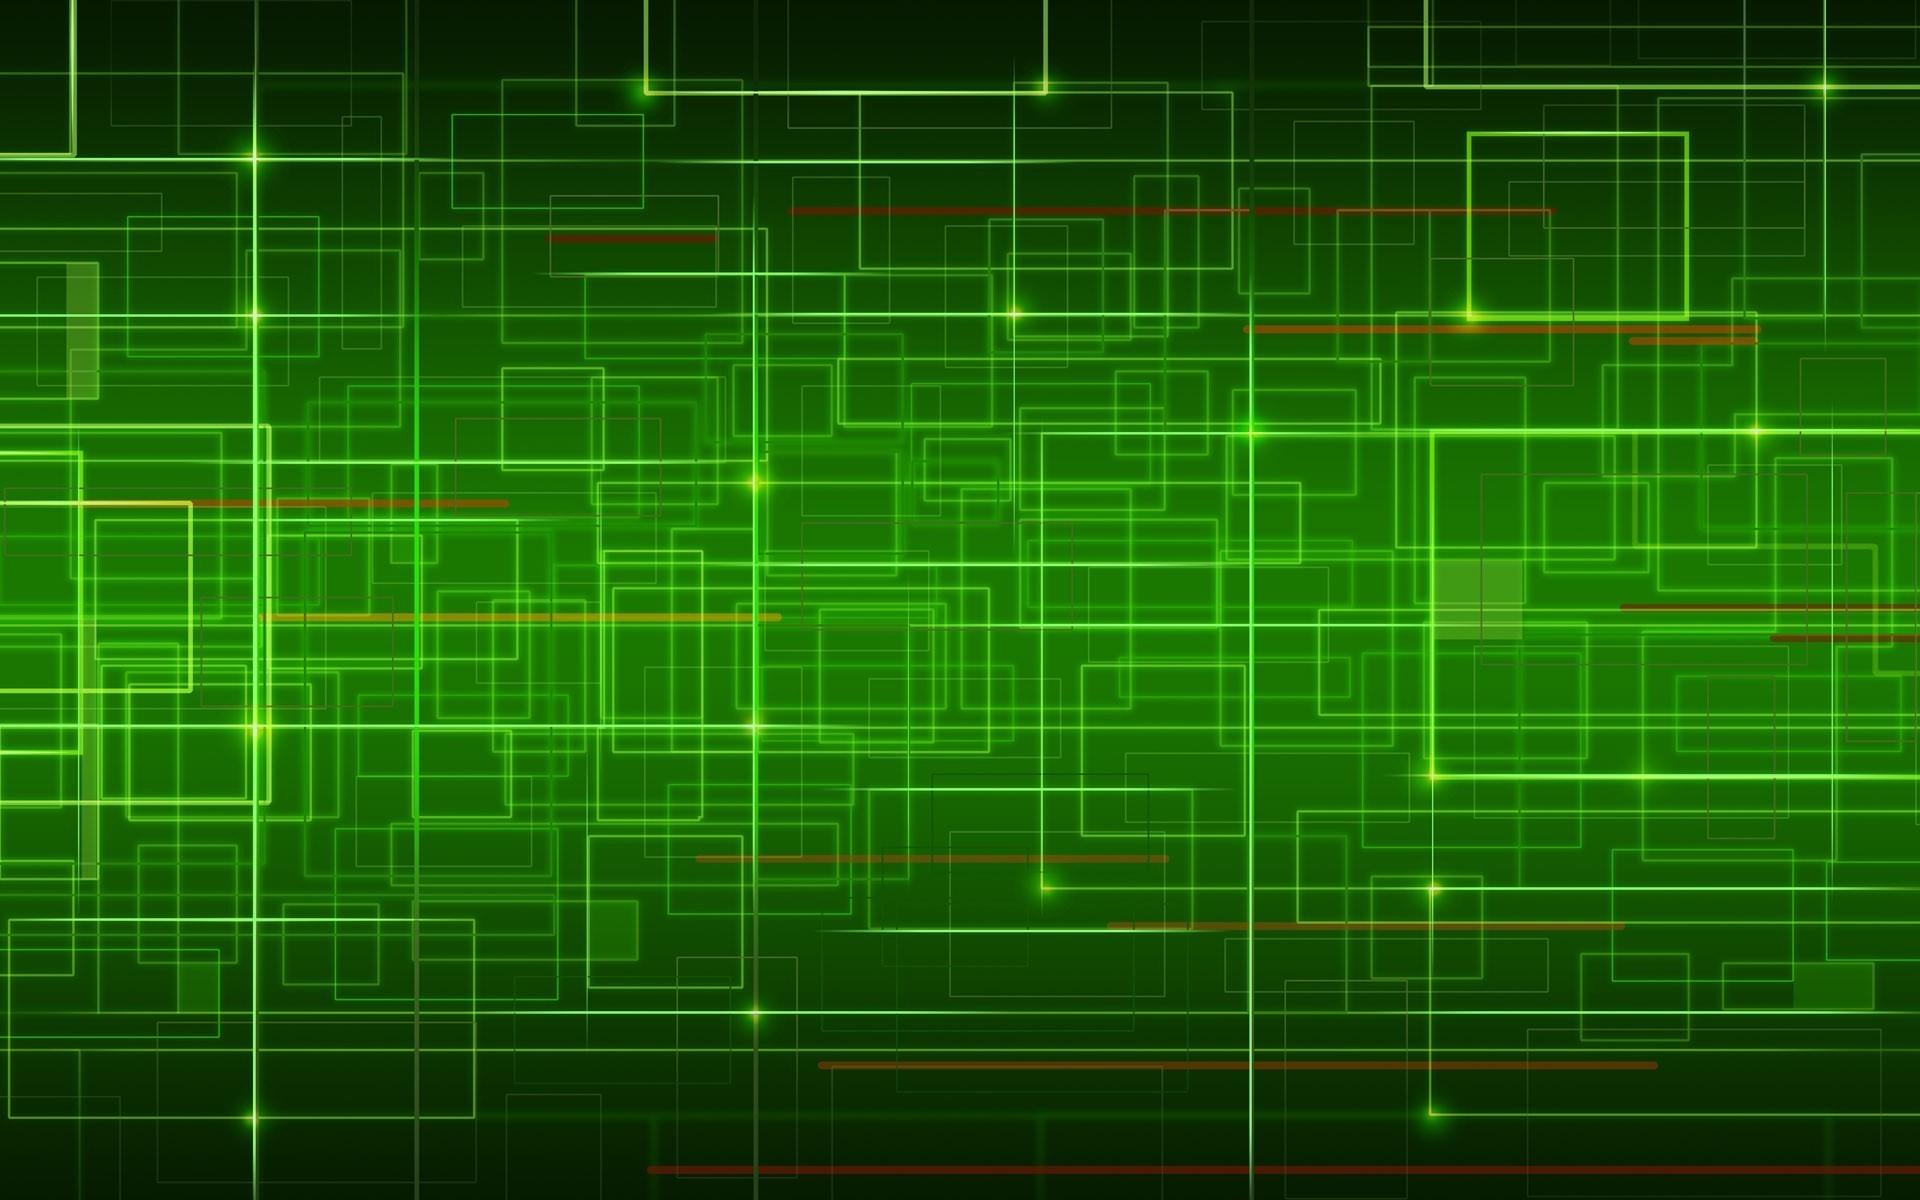 Green images Green Network Wallpaper wallpaper photos 19219086 1920x1200